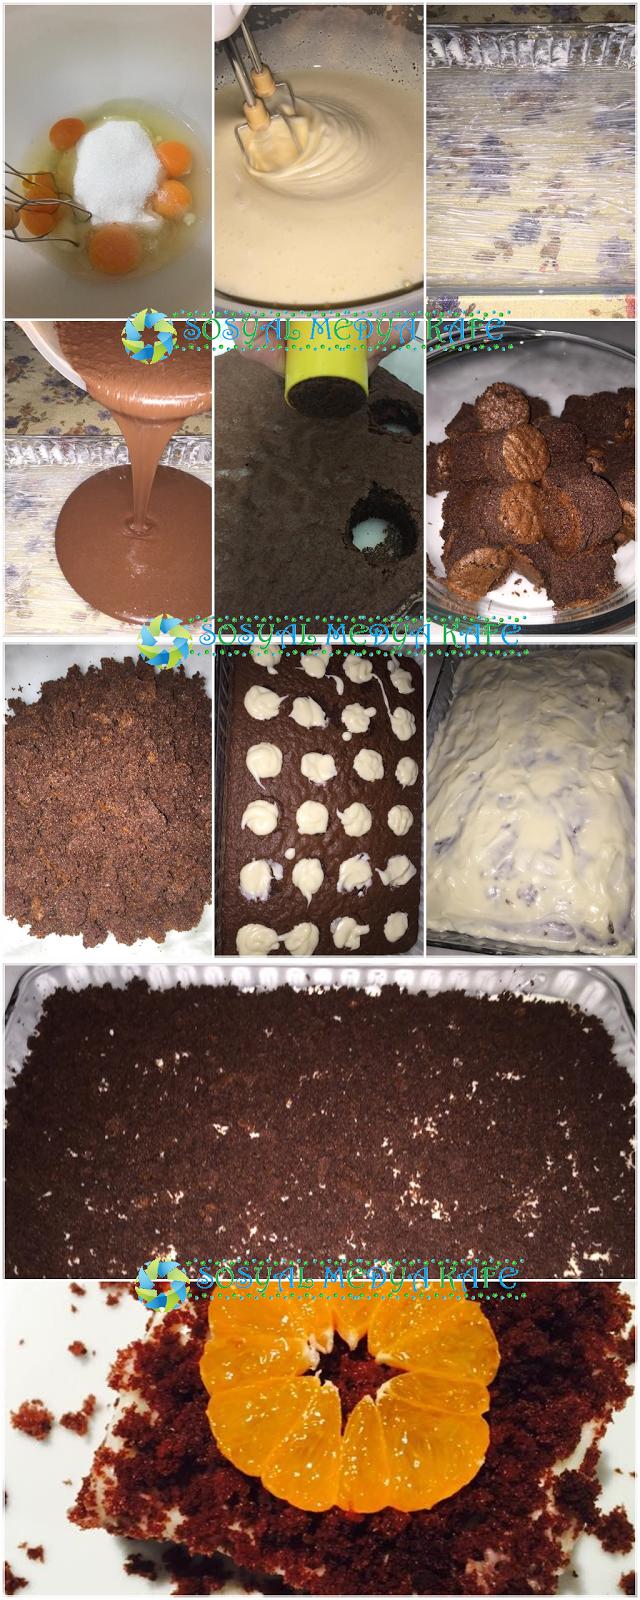 dolgu kremalı kek nasıl yapılır resimli anlatım